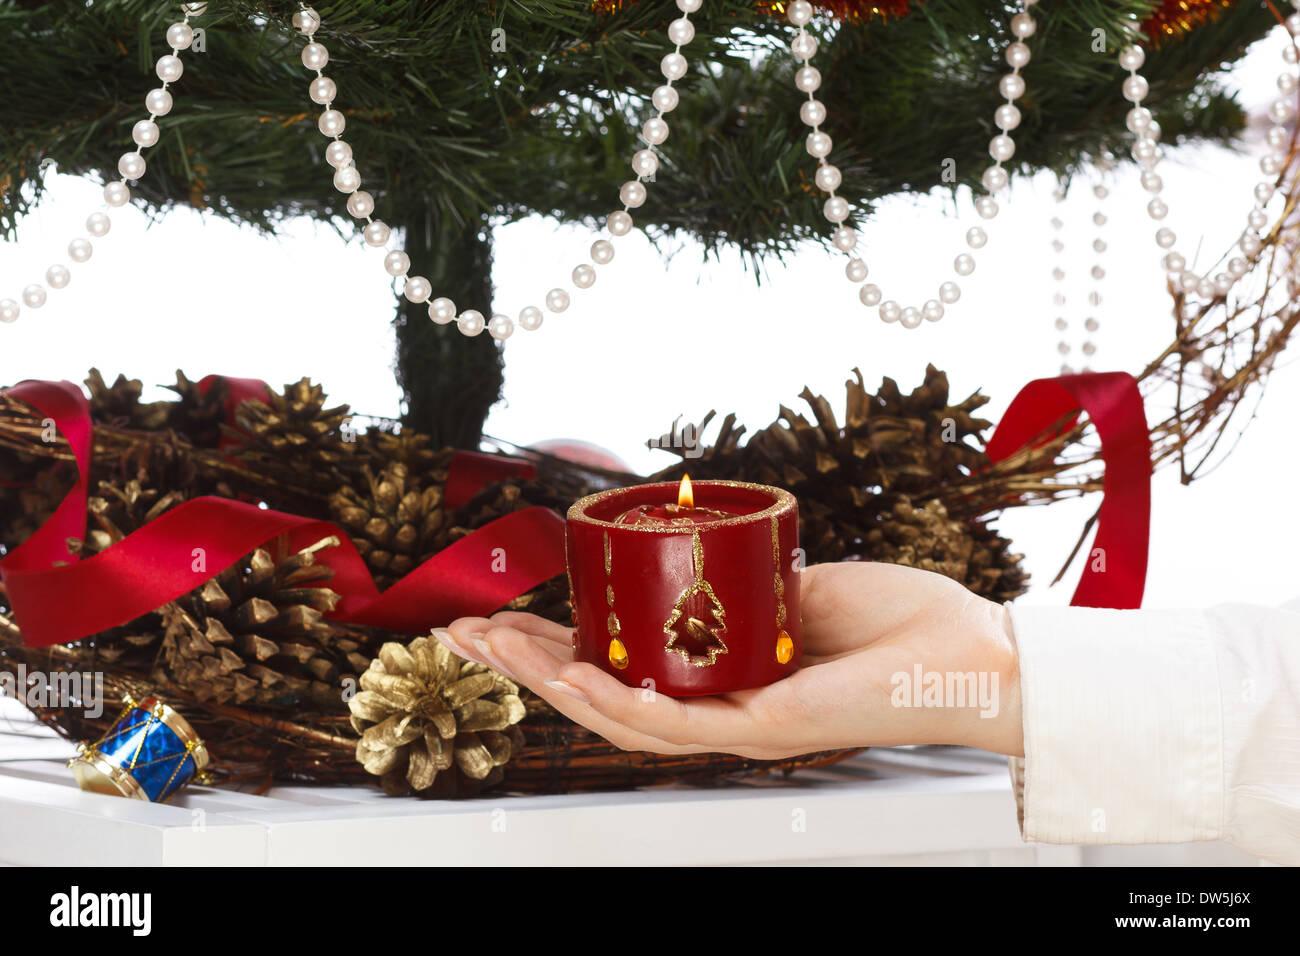 Decorar El Arbol Con Cintas.Decorar El Arbol De Navidad Con Bolas Cintas Y Cosas